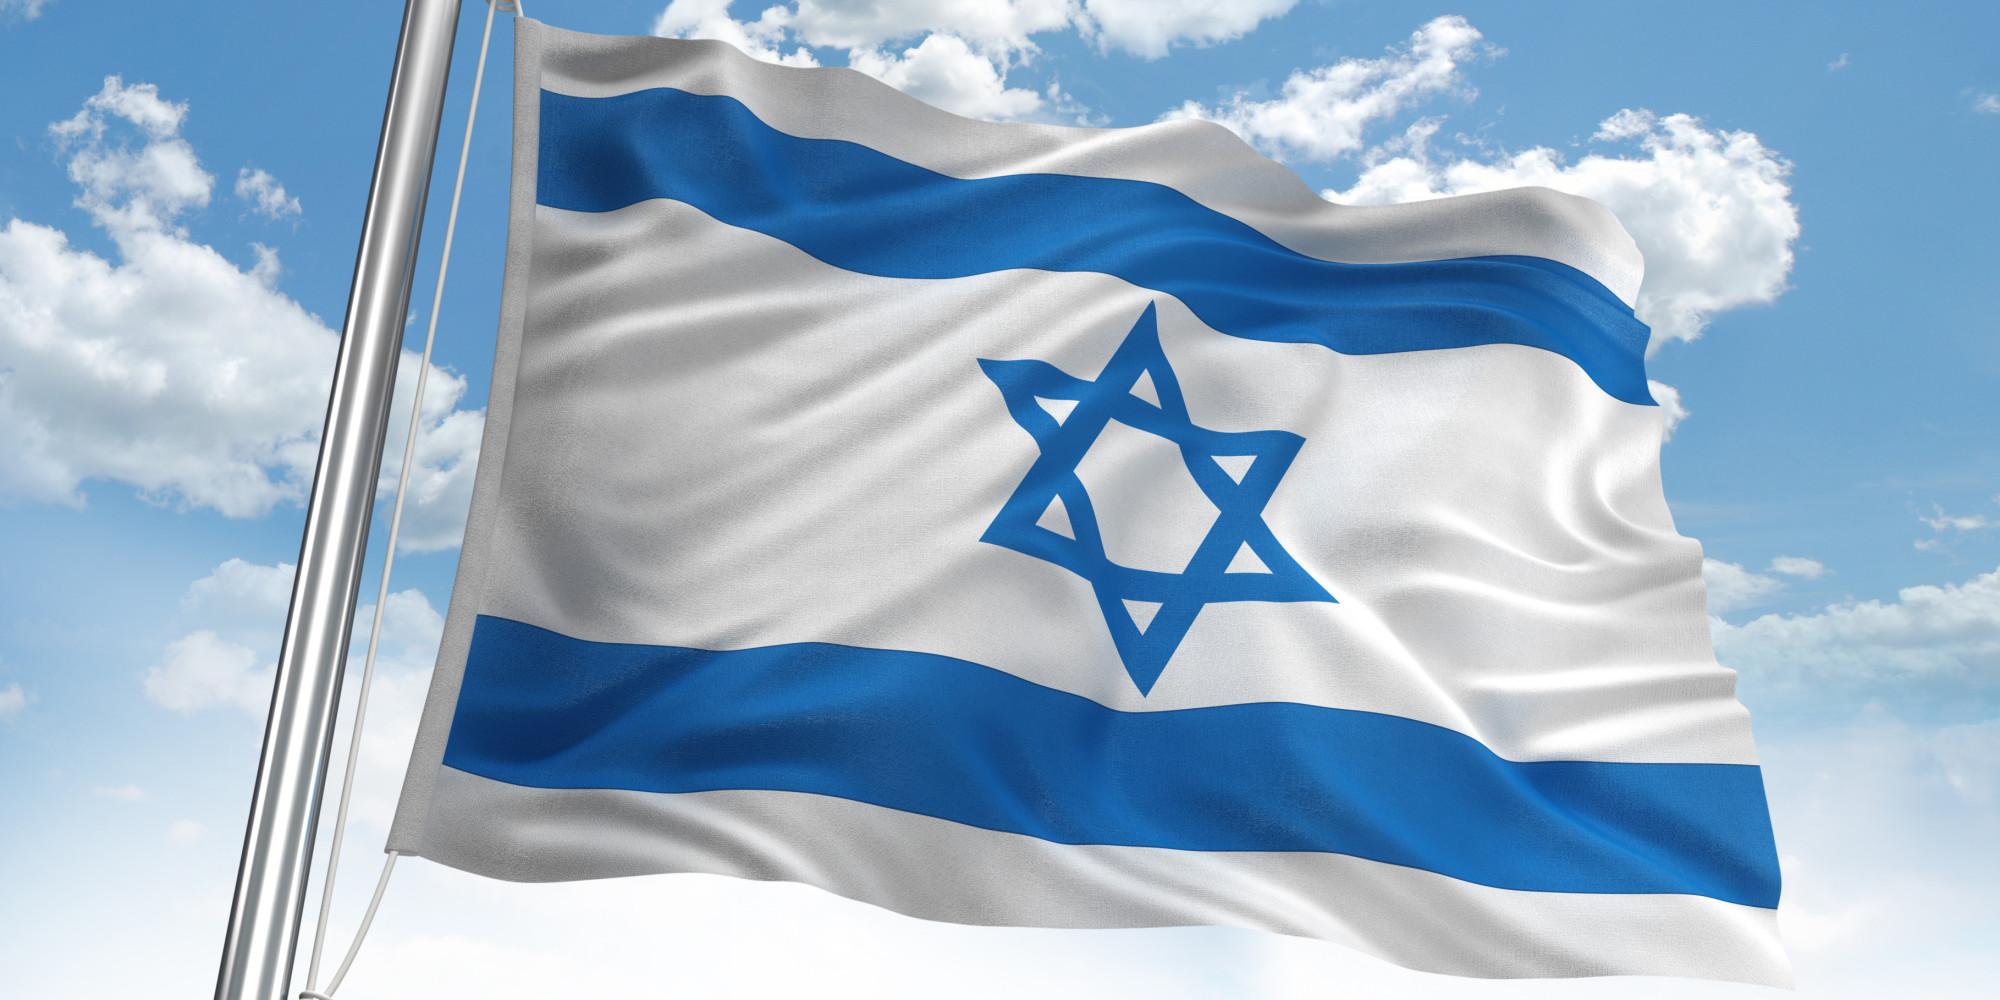 обои для рабочего стола флаг израиля № 389478  скачать